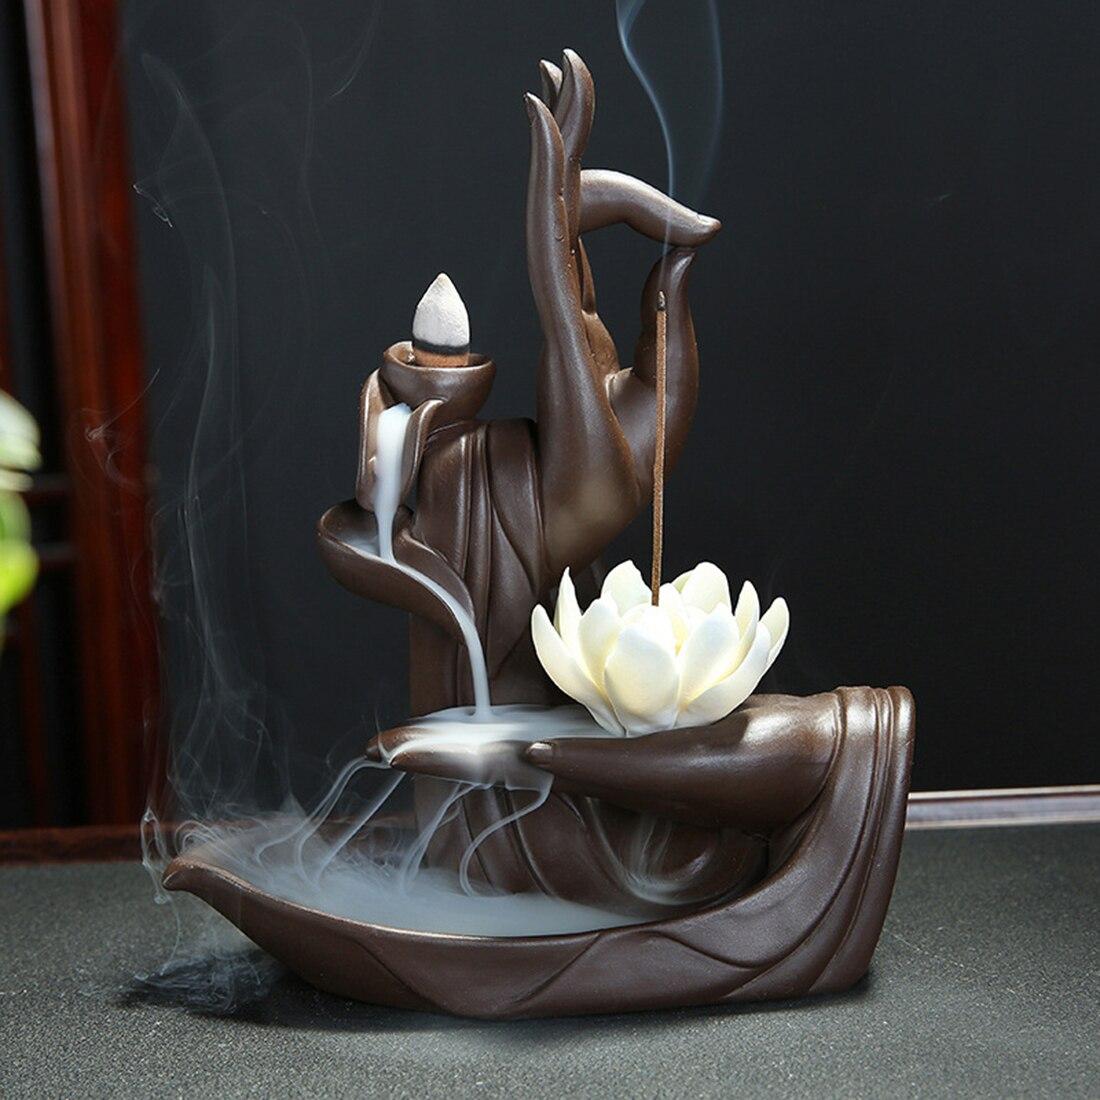 Keramik Rückfluss Weihrauch Brenner Tathagata Buddha Lotus Weihrauch Kegel Stick Halter Rauch Wasserfall Kreative Hause Bouddha Decor